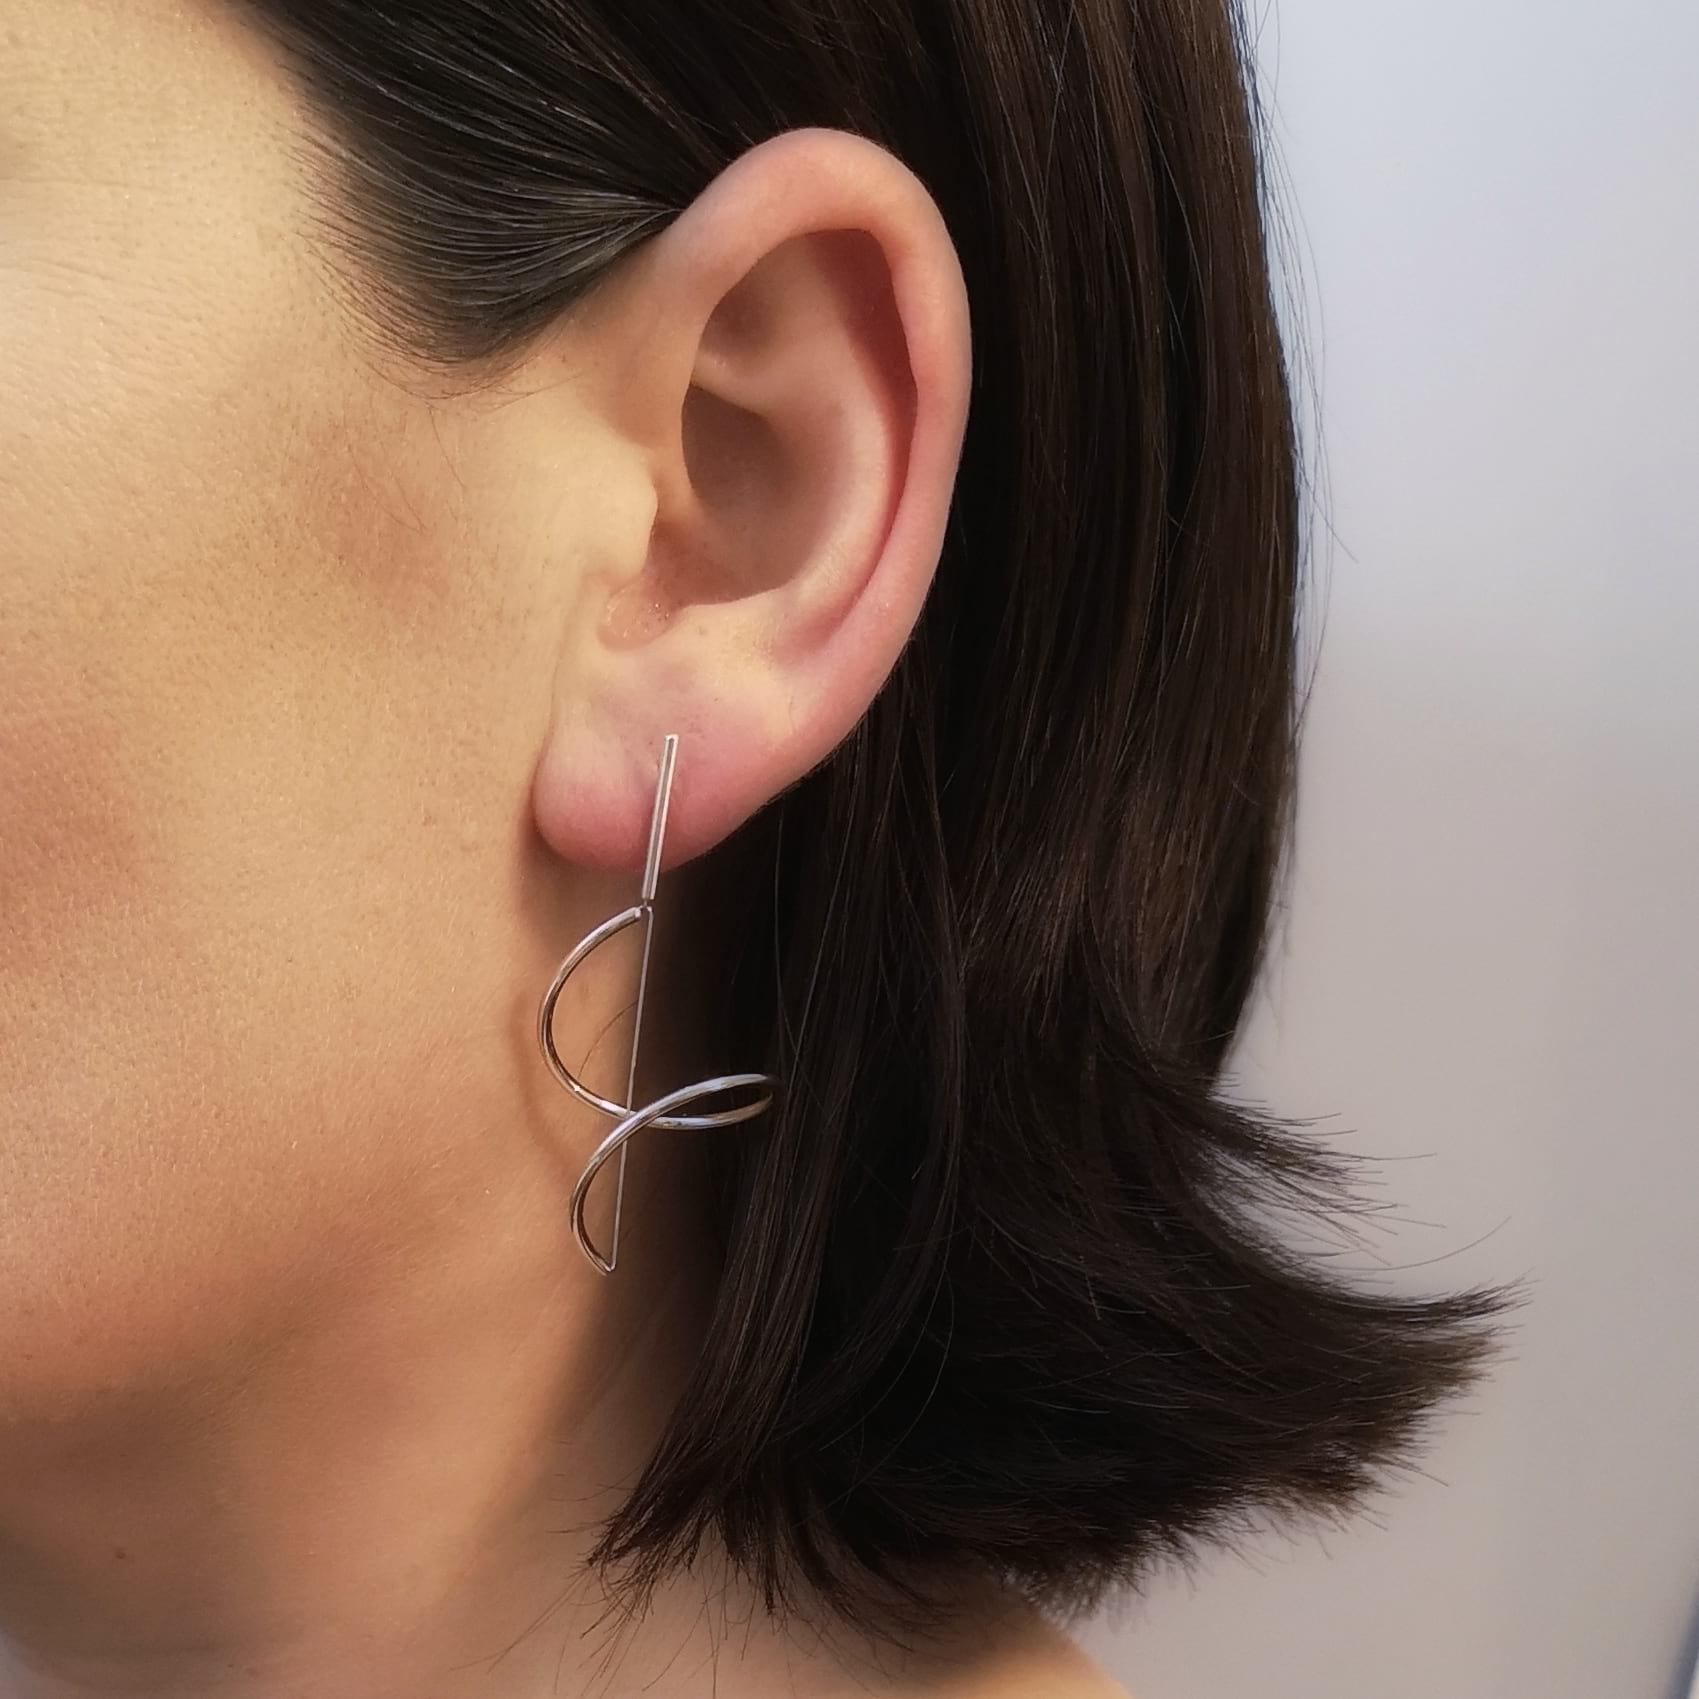 Silver Swirl Earrings on Model